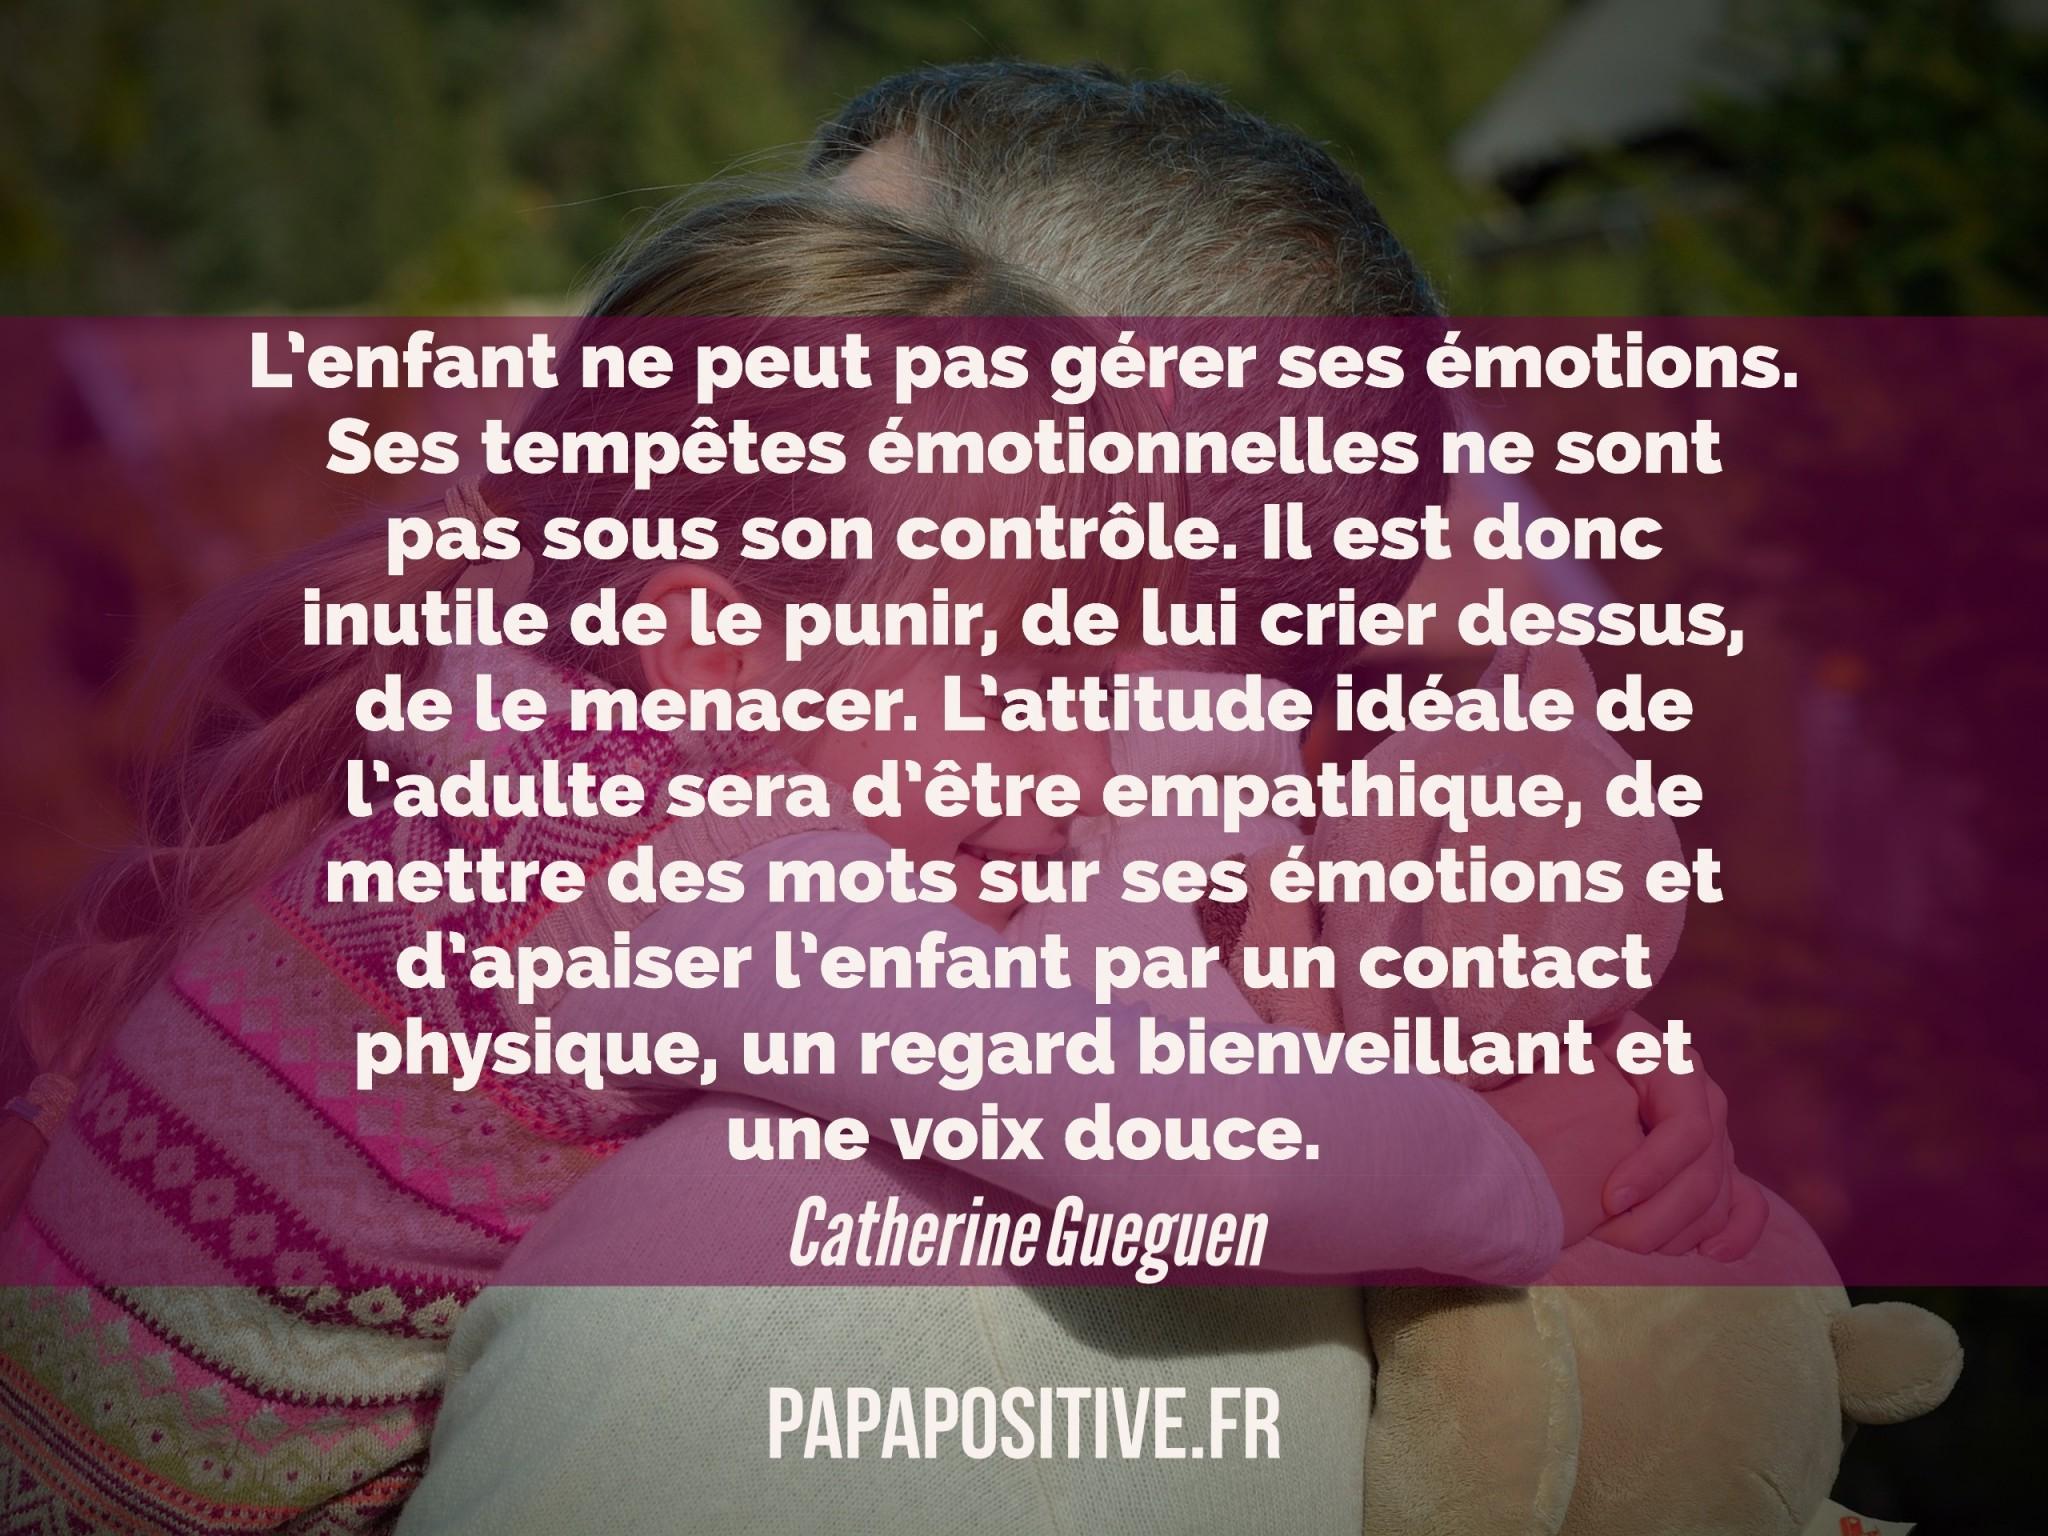 L'enfant ne peut pas gérer ses émotions.